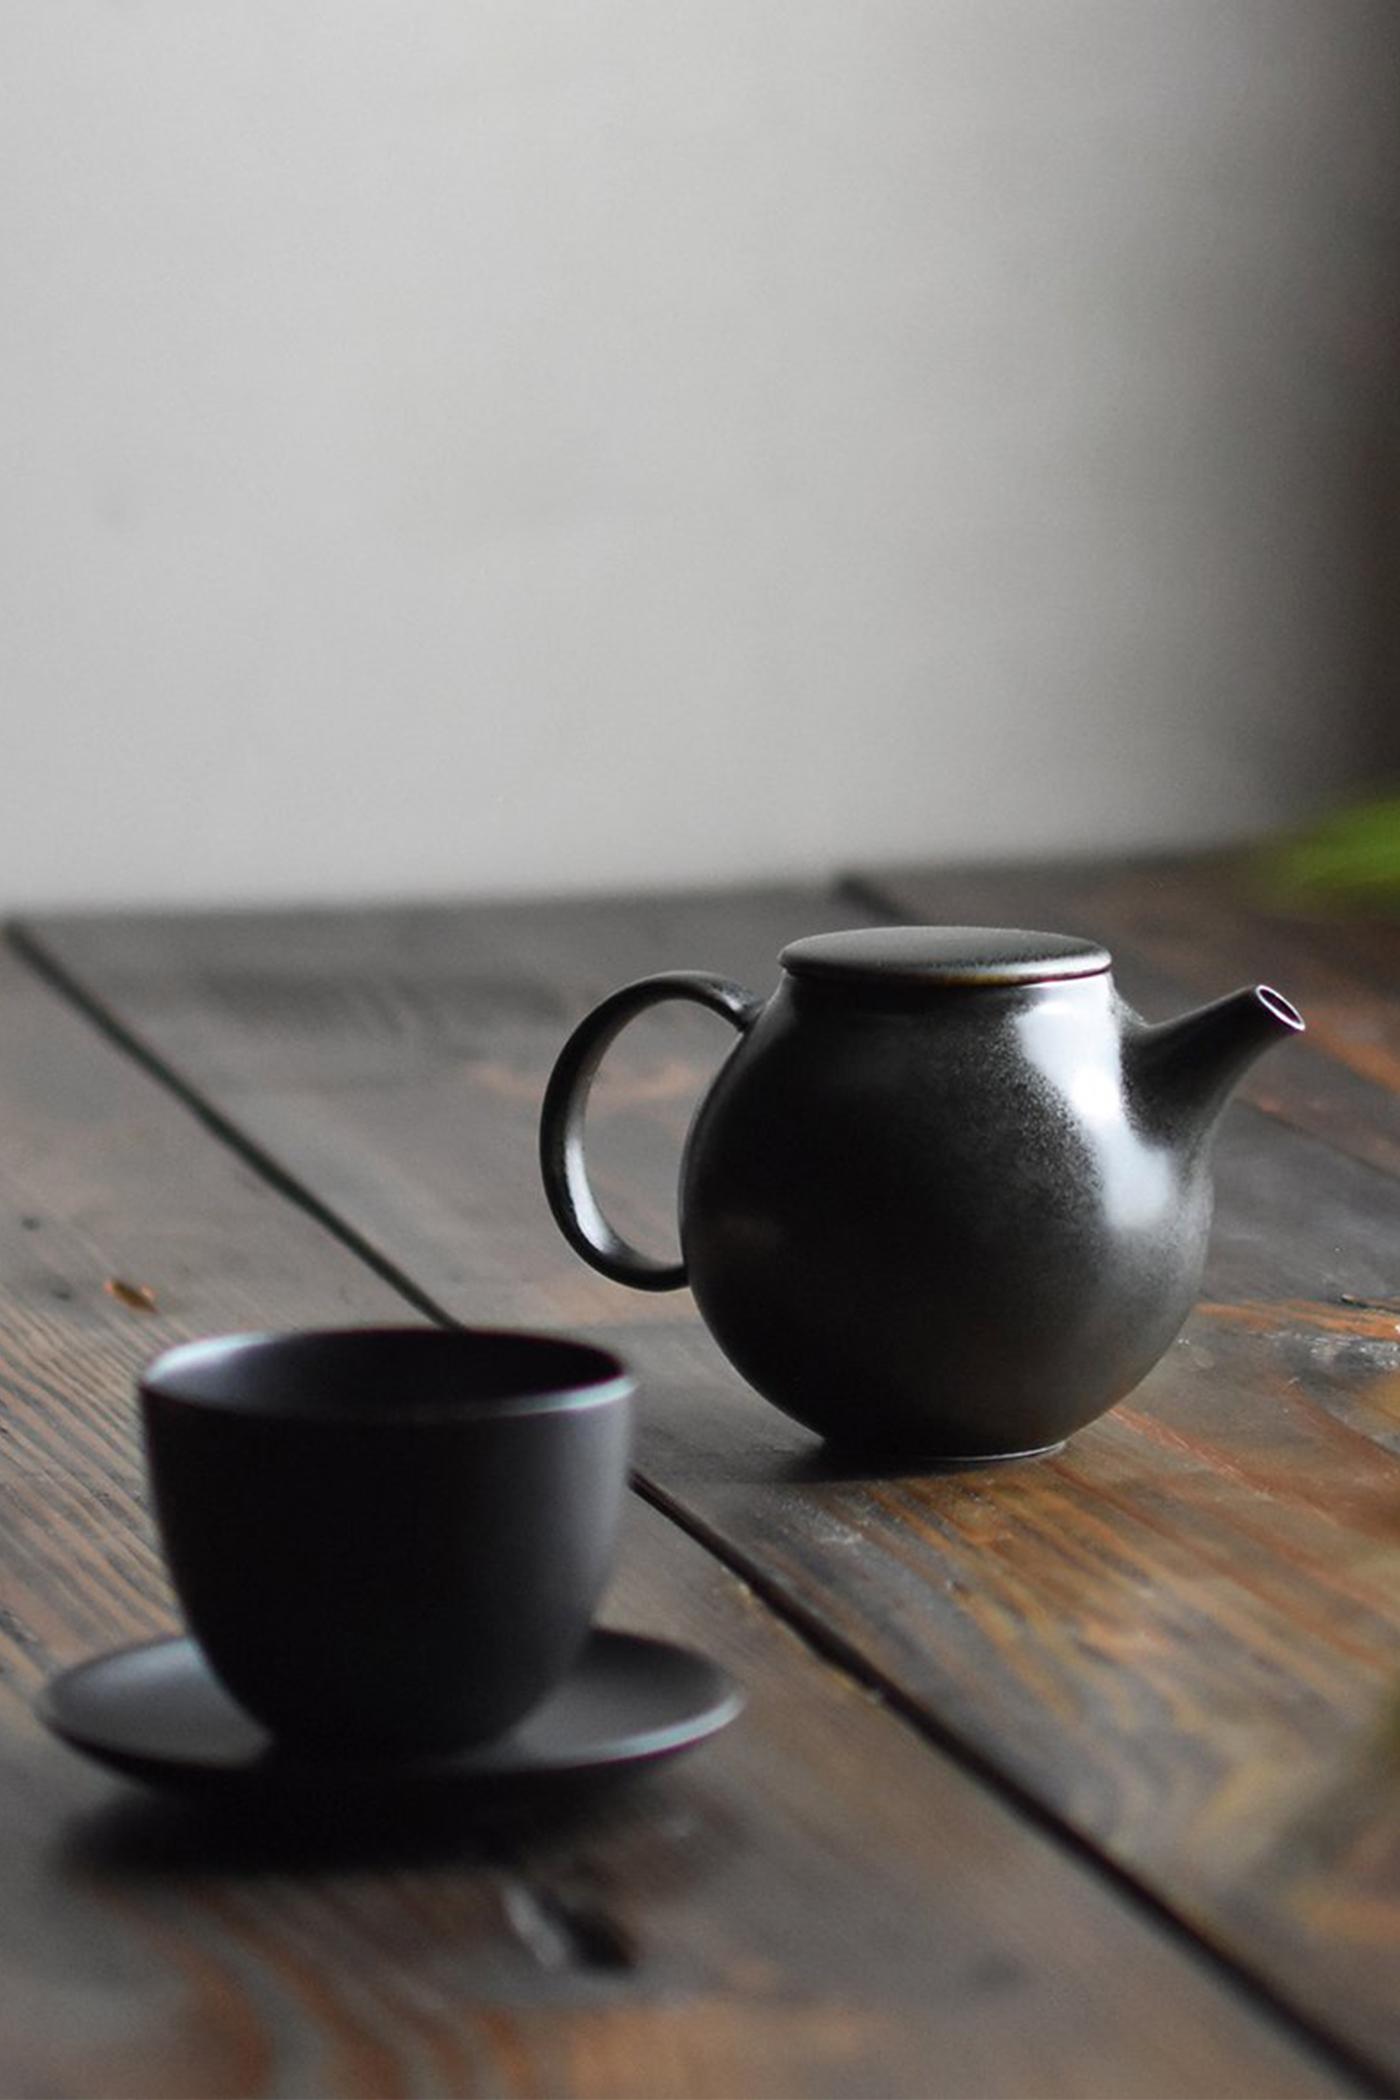 Kinto Pebble Cup and Saucer